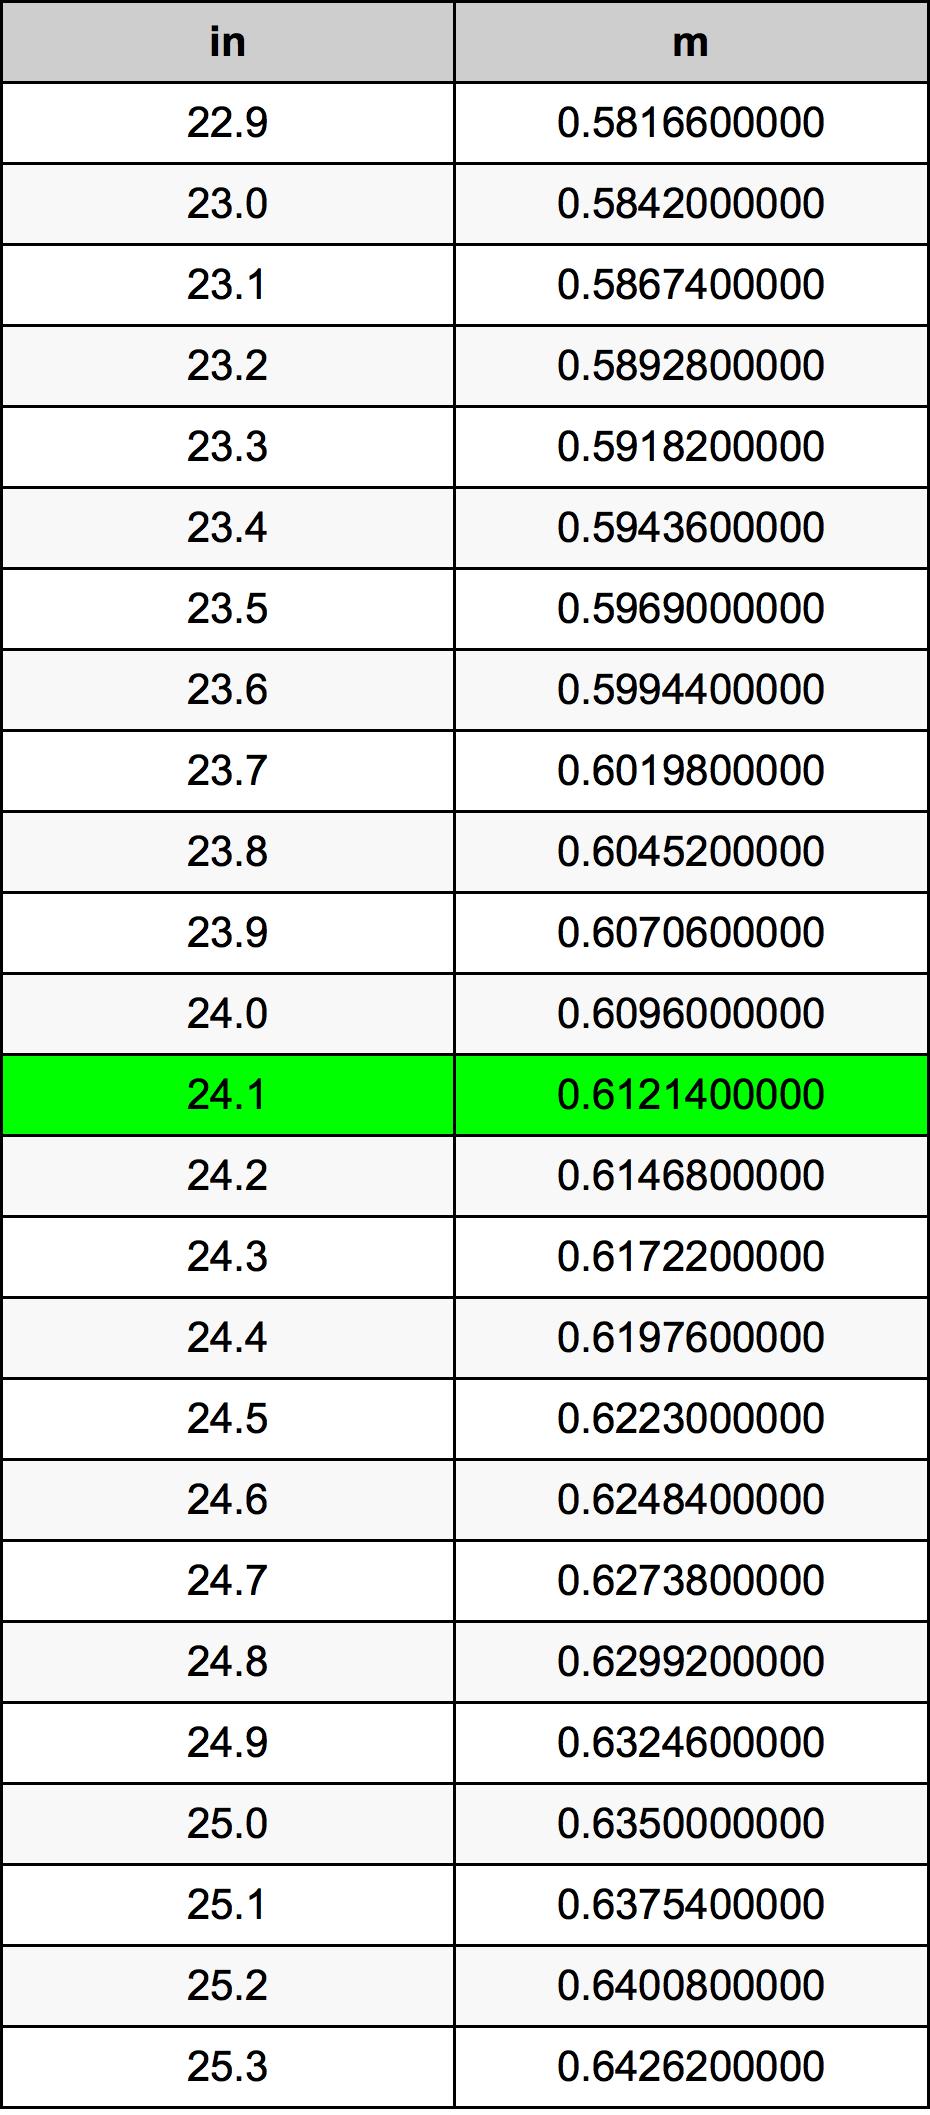 24.1 인치 변환 표